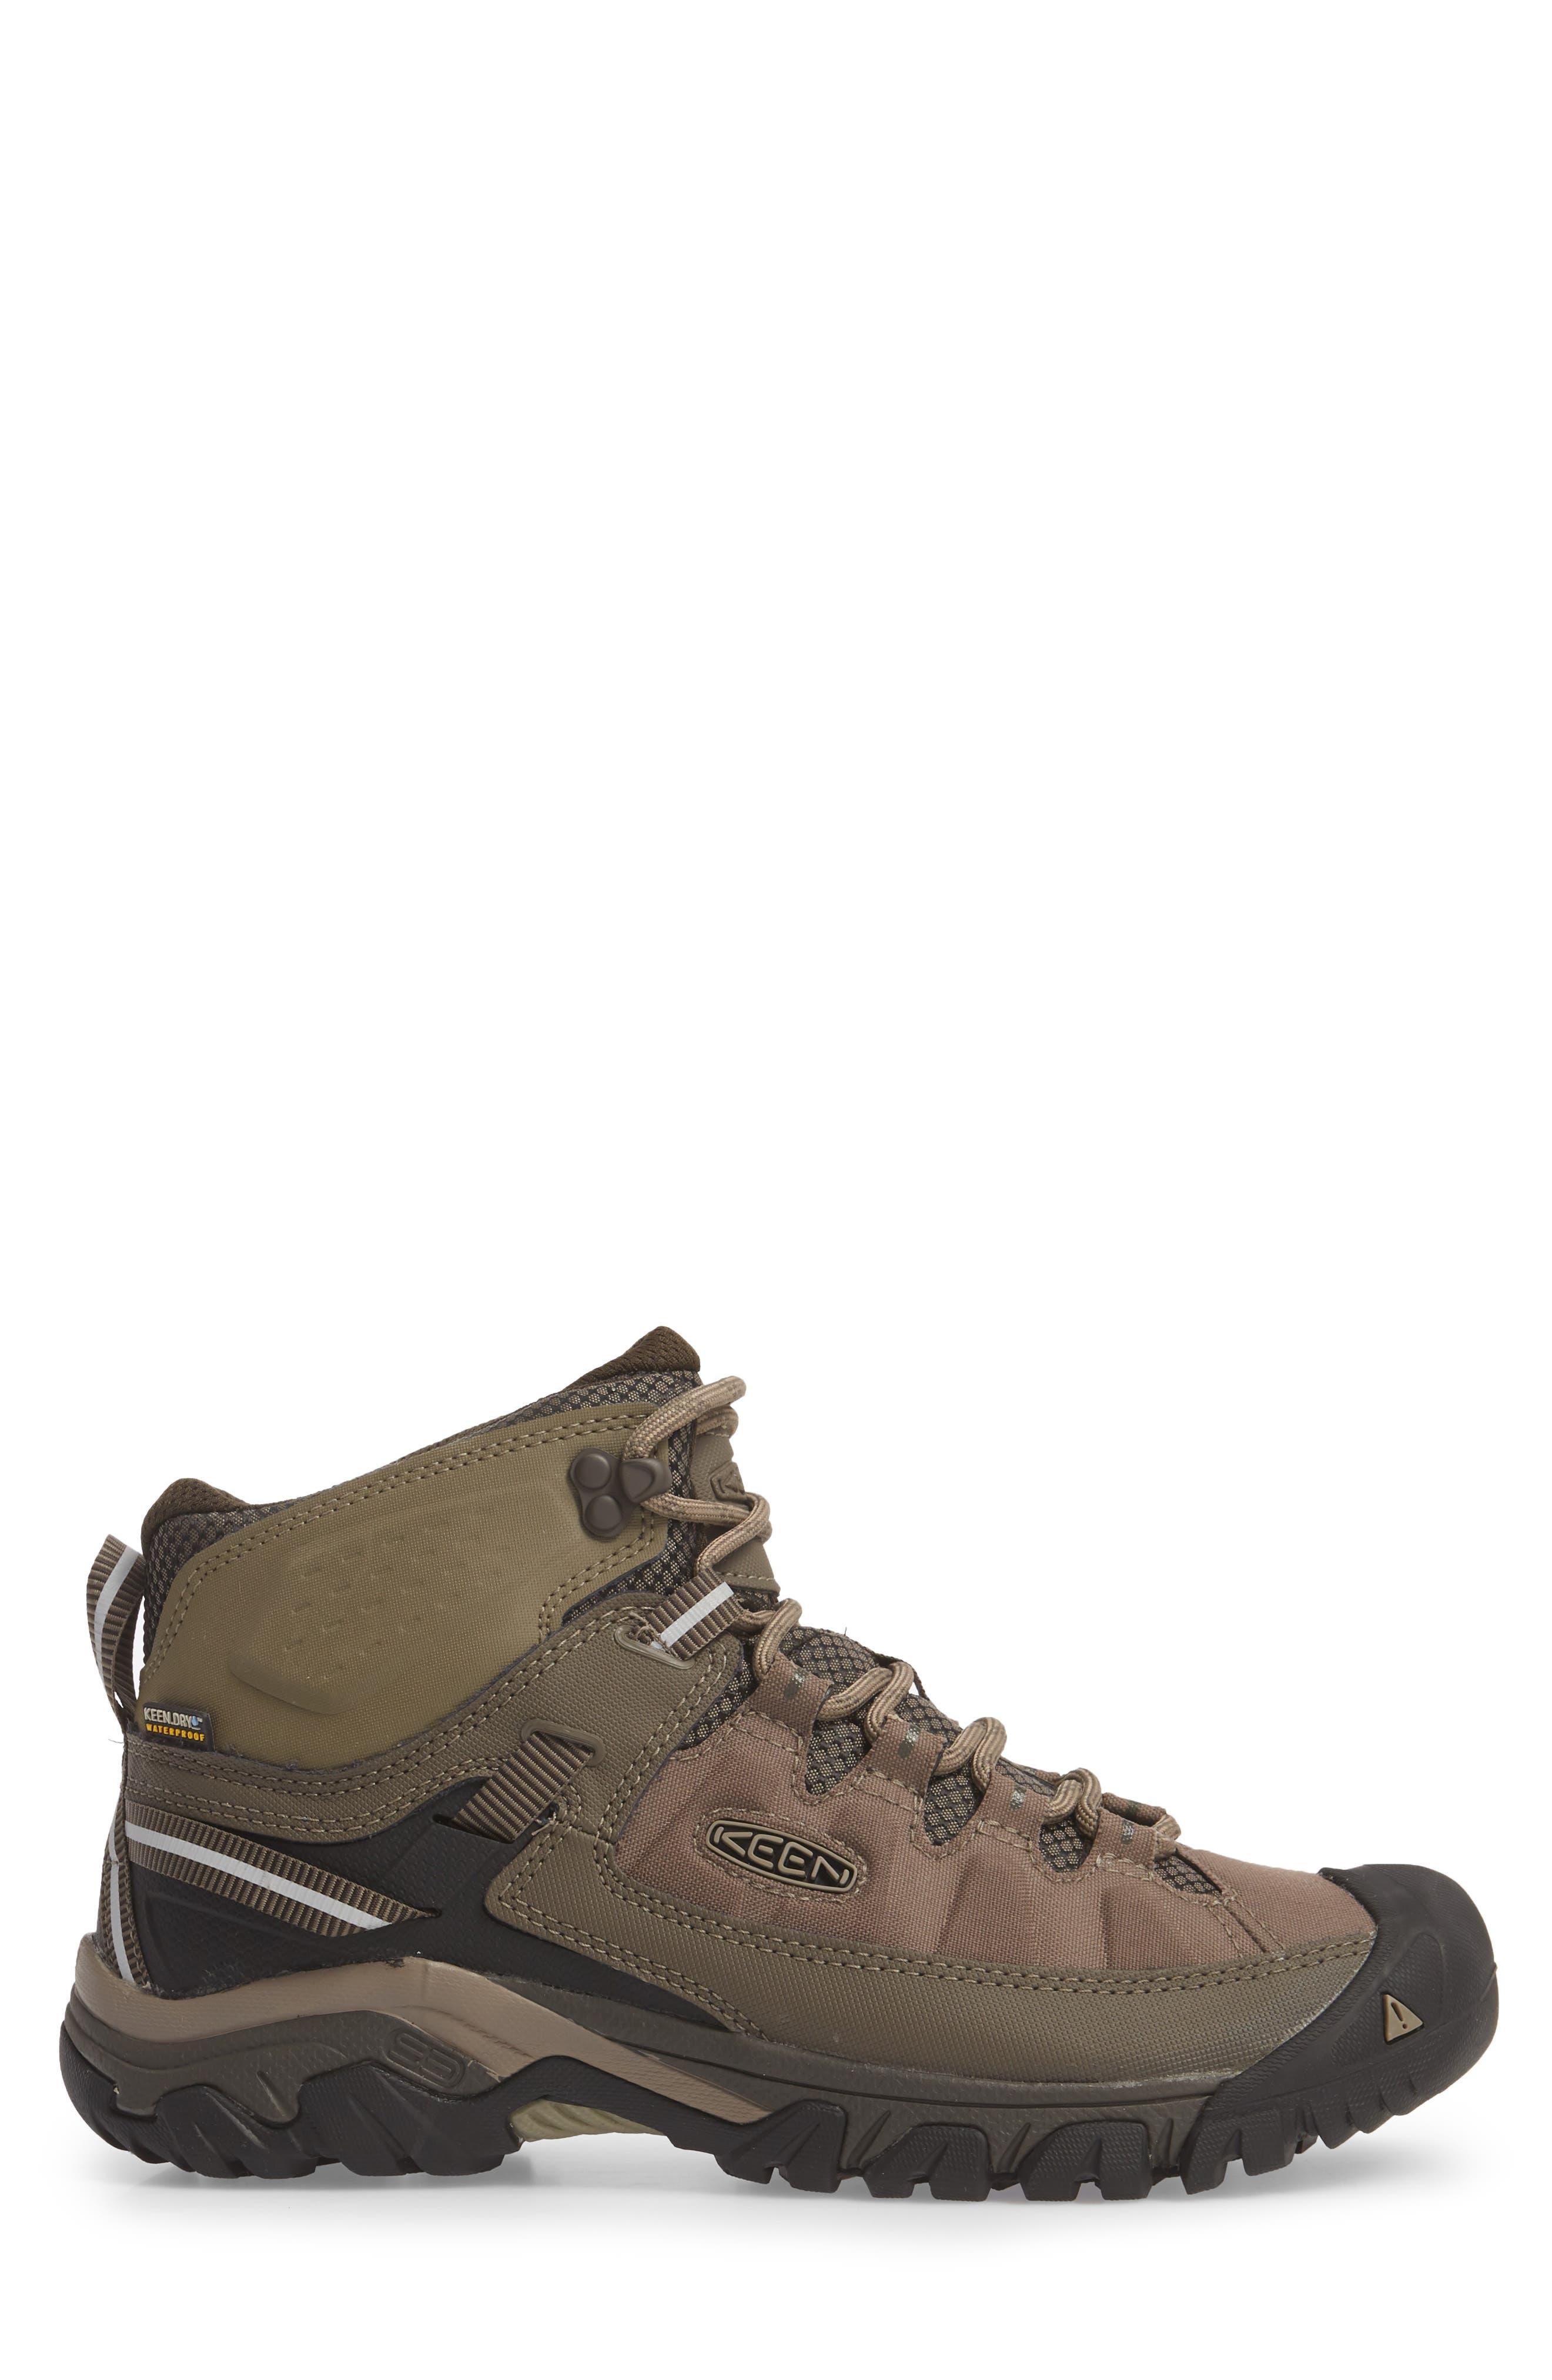 KEEN, Targhee EXP Mid Waterproof Hiking Boot, Alternate thumbnail 3, color, BUNGEE CORD/BRINDLE